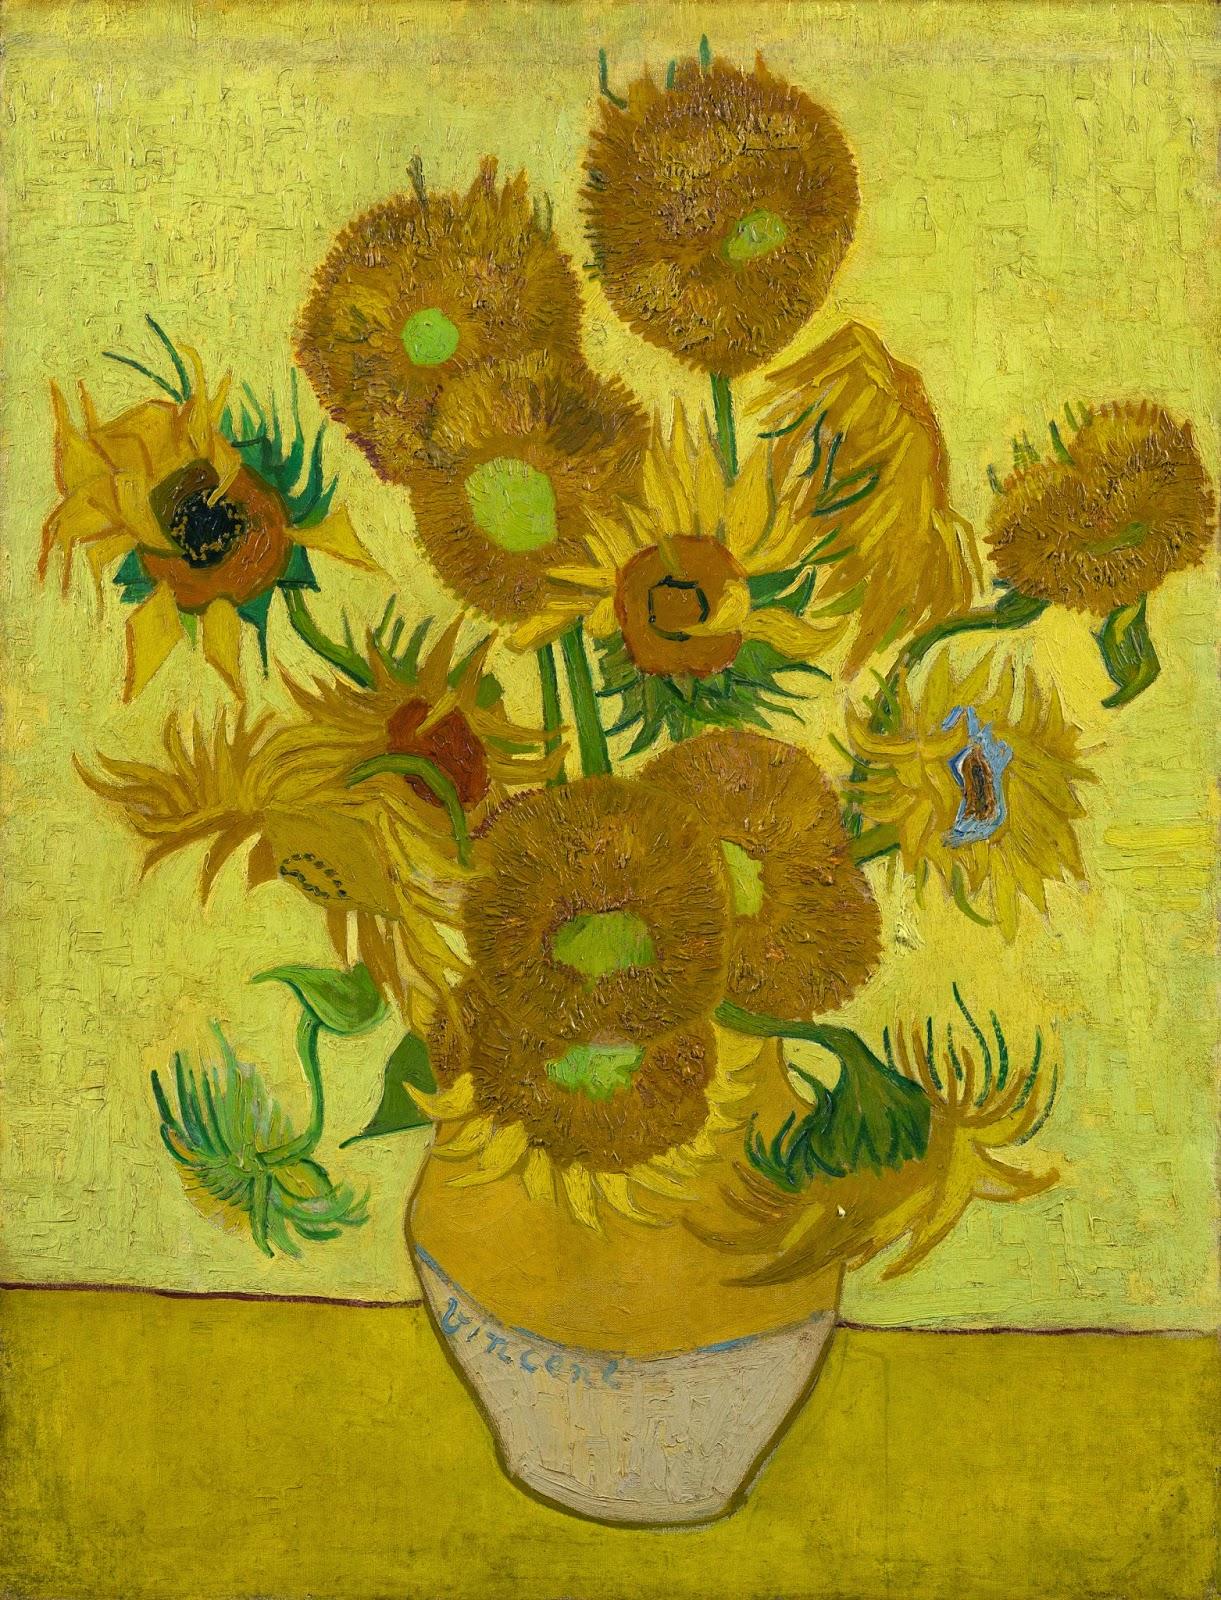 ¿Por qué se están marchitando los girasoles de Van Gogh?